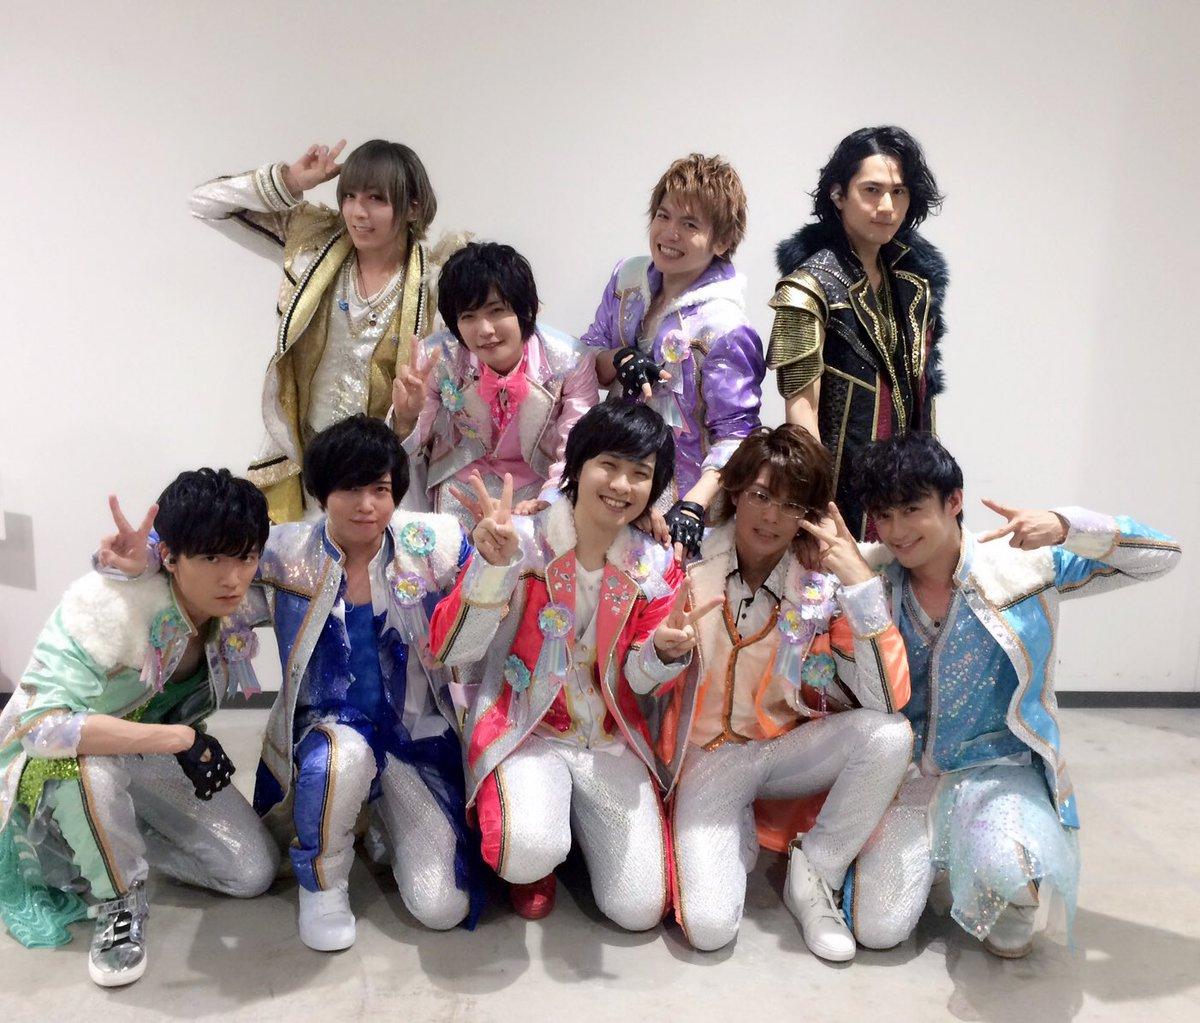 KING OF PRISM Rose Party 2018!皆様ありがとうございました!!キンプリのイベントの時はよく雨降るなぁ〜ほんと、どしゃぶりHappyだね!!!(内田雄馬 as ゼウス)